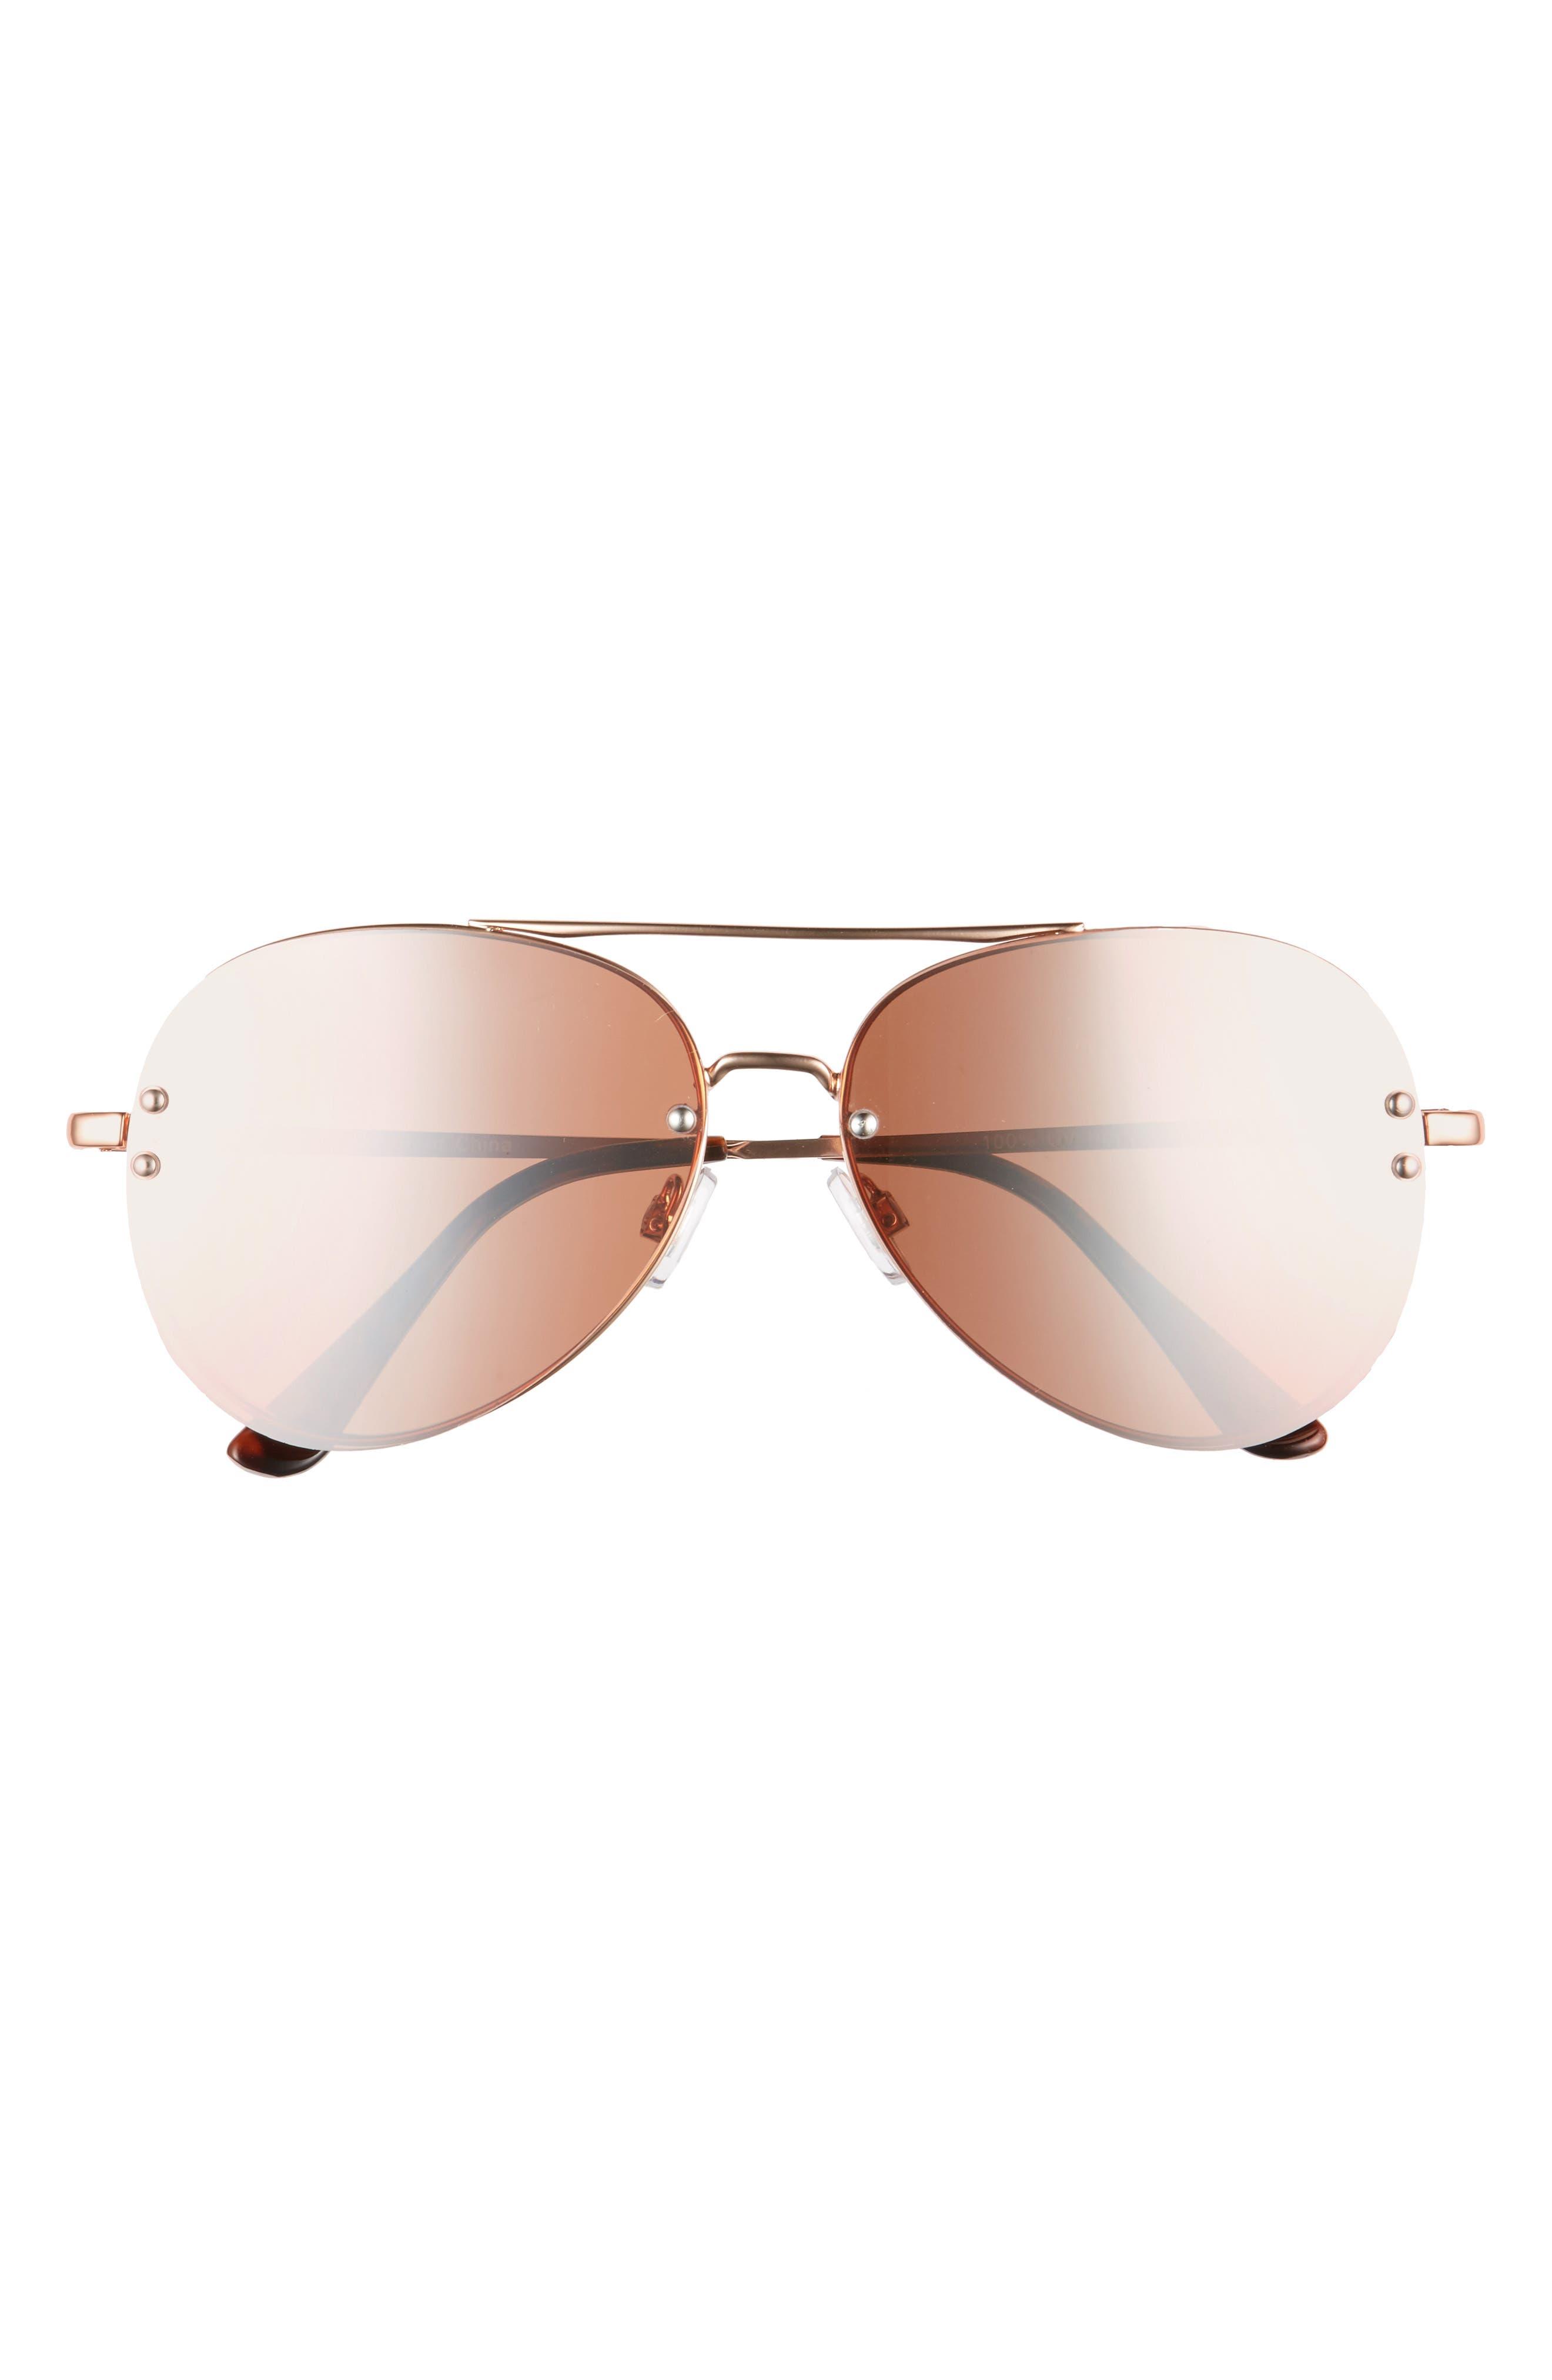 60mm Oversize Mirrored Aviator Sunglasses